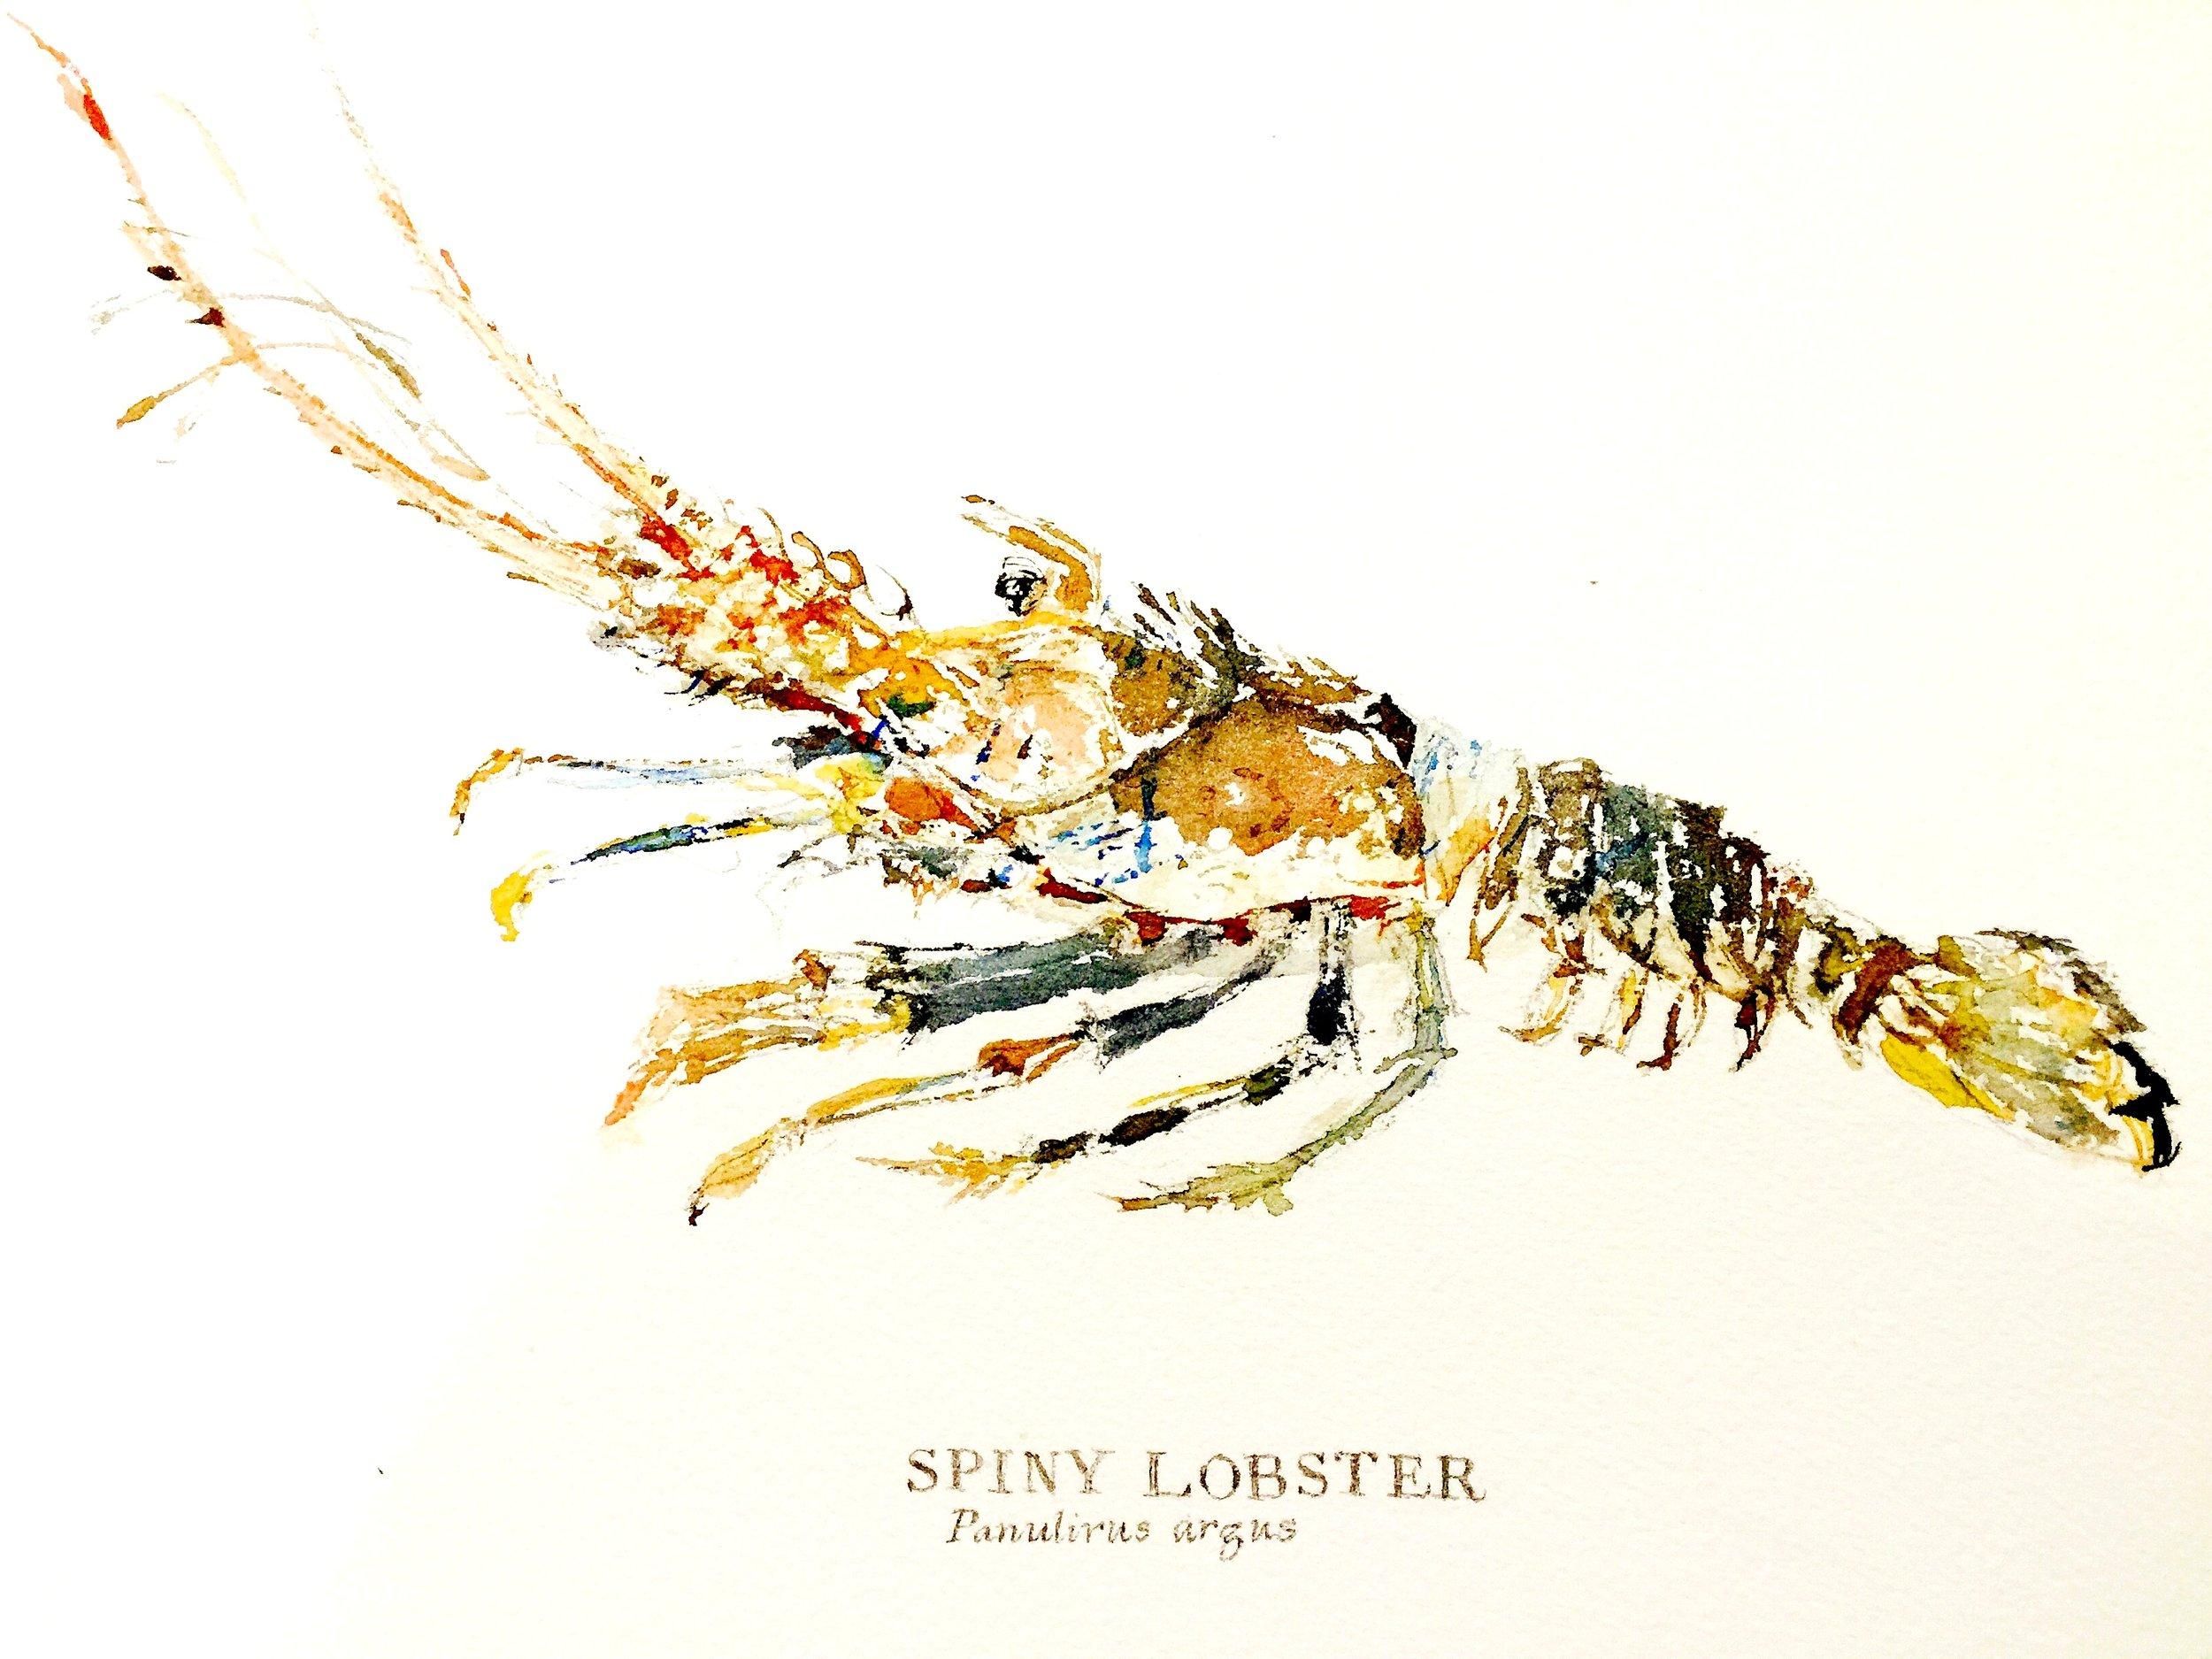 Spiny Lobster, 2016